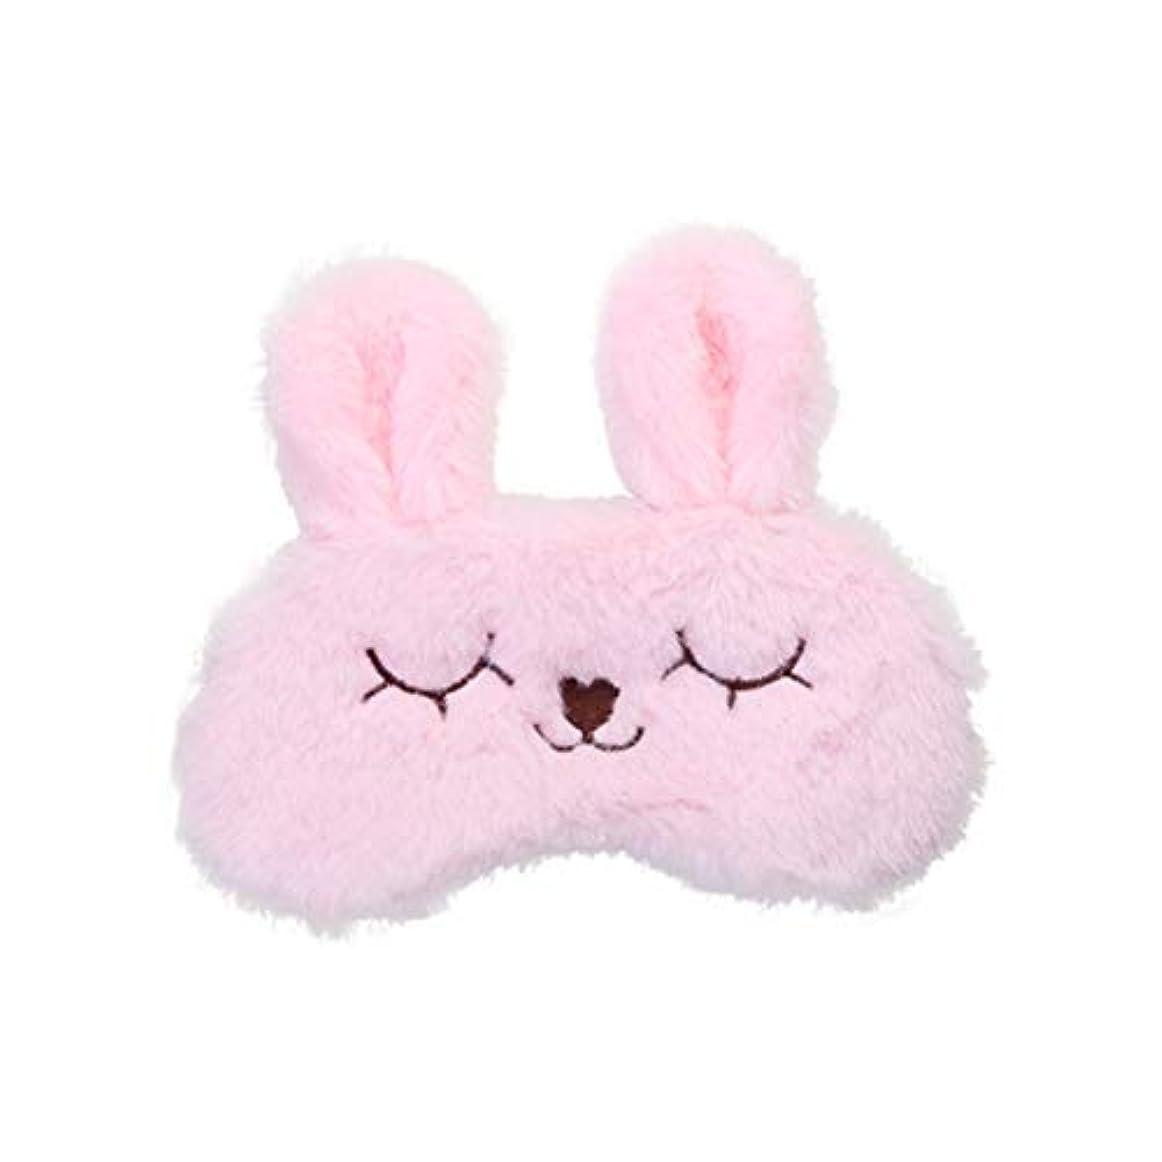 異常な私たちのものなめらかなHEALIFTY 睡眠マスクウサギぬいぐるみ目隠しコールドホットコンプレッションスリープアイマスクカバーかわいいアイシェイド(ピンク)